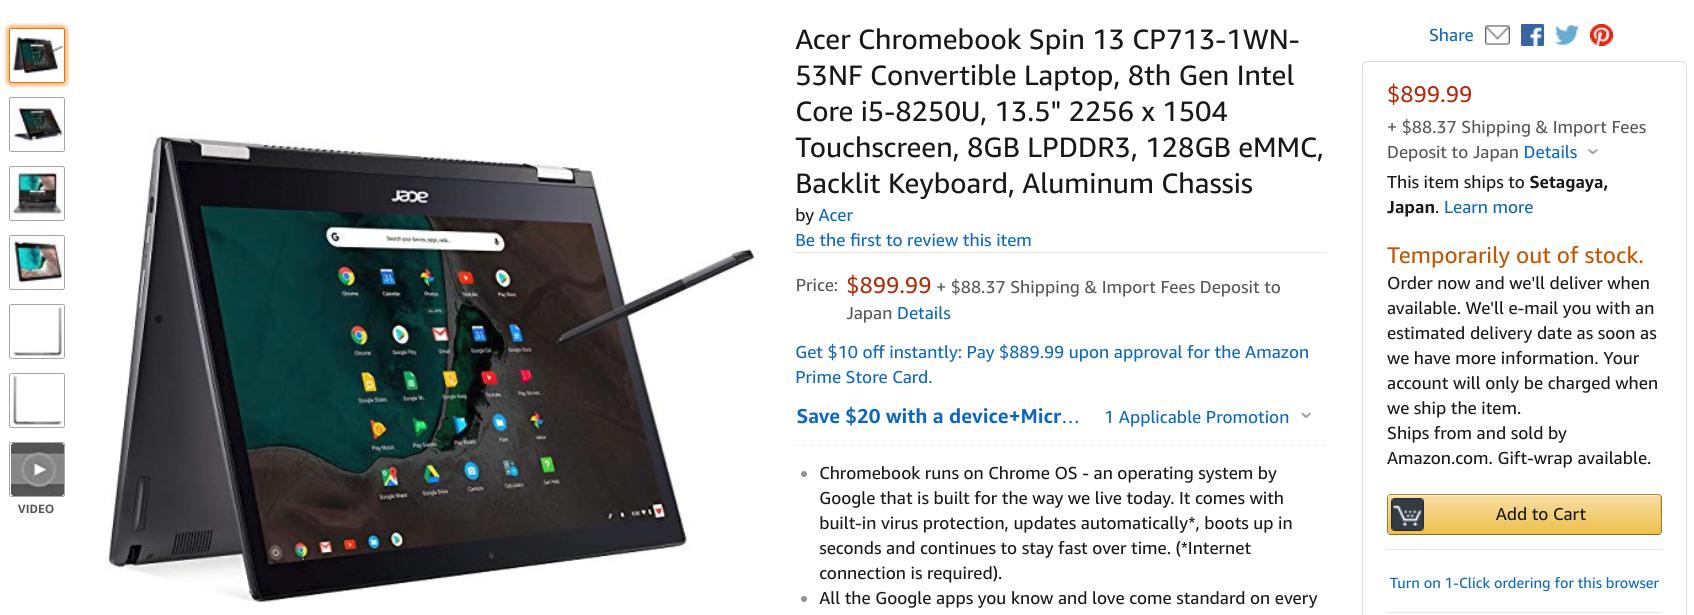 [かぶ] Acer Chromebook Spin 13 (CP713-1WN-53NF)が米Amazonに登場。$899.99で現在一時的に品切れながら、日本直送可で注文可能。